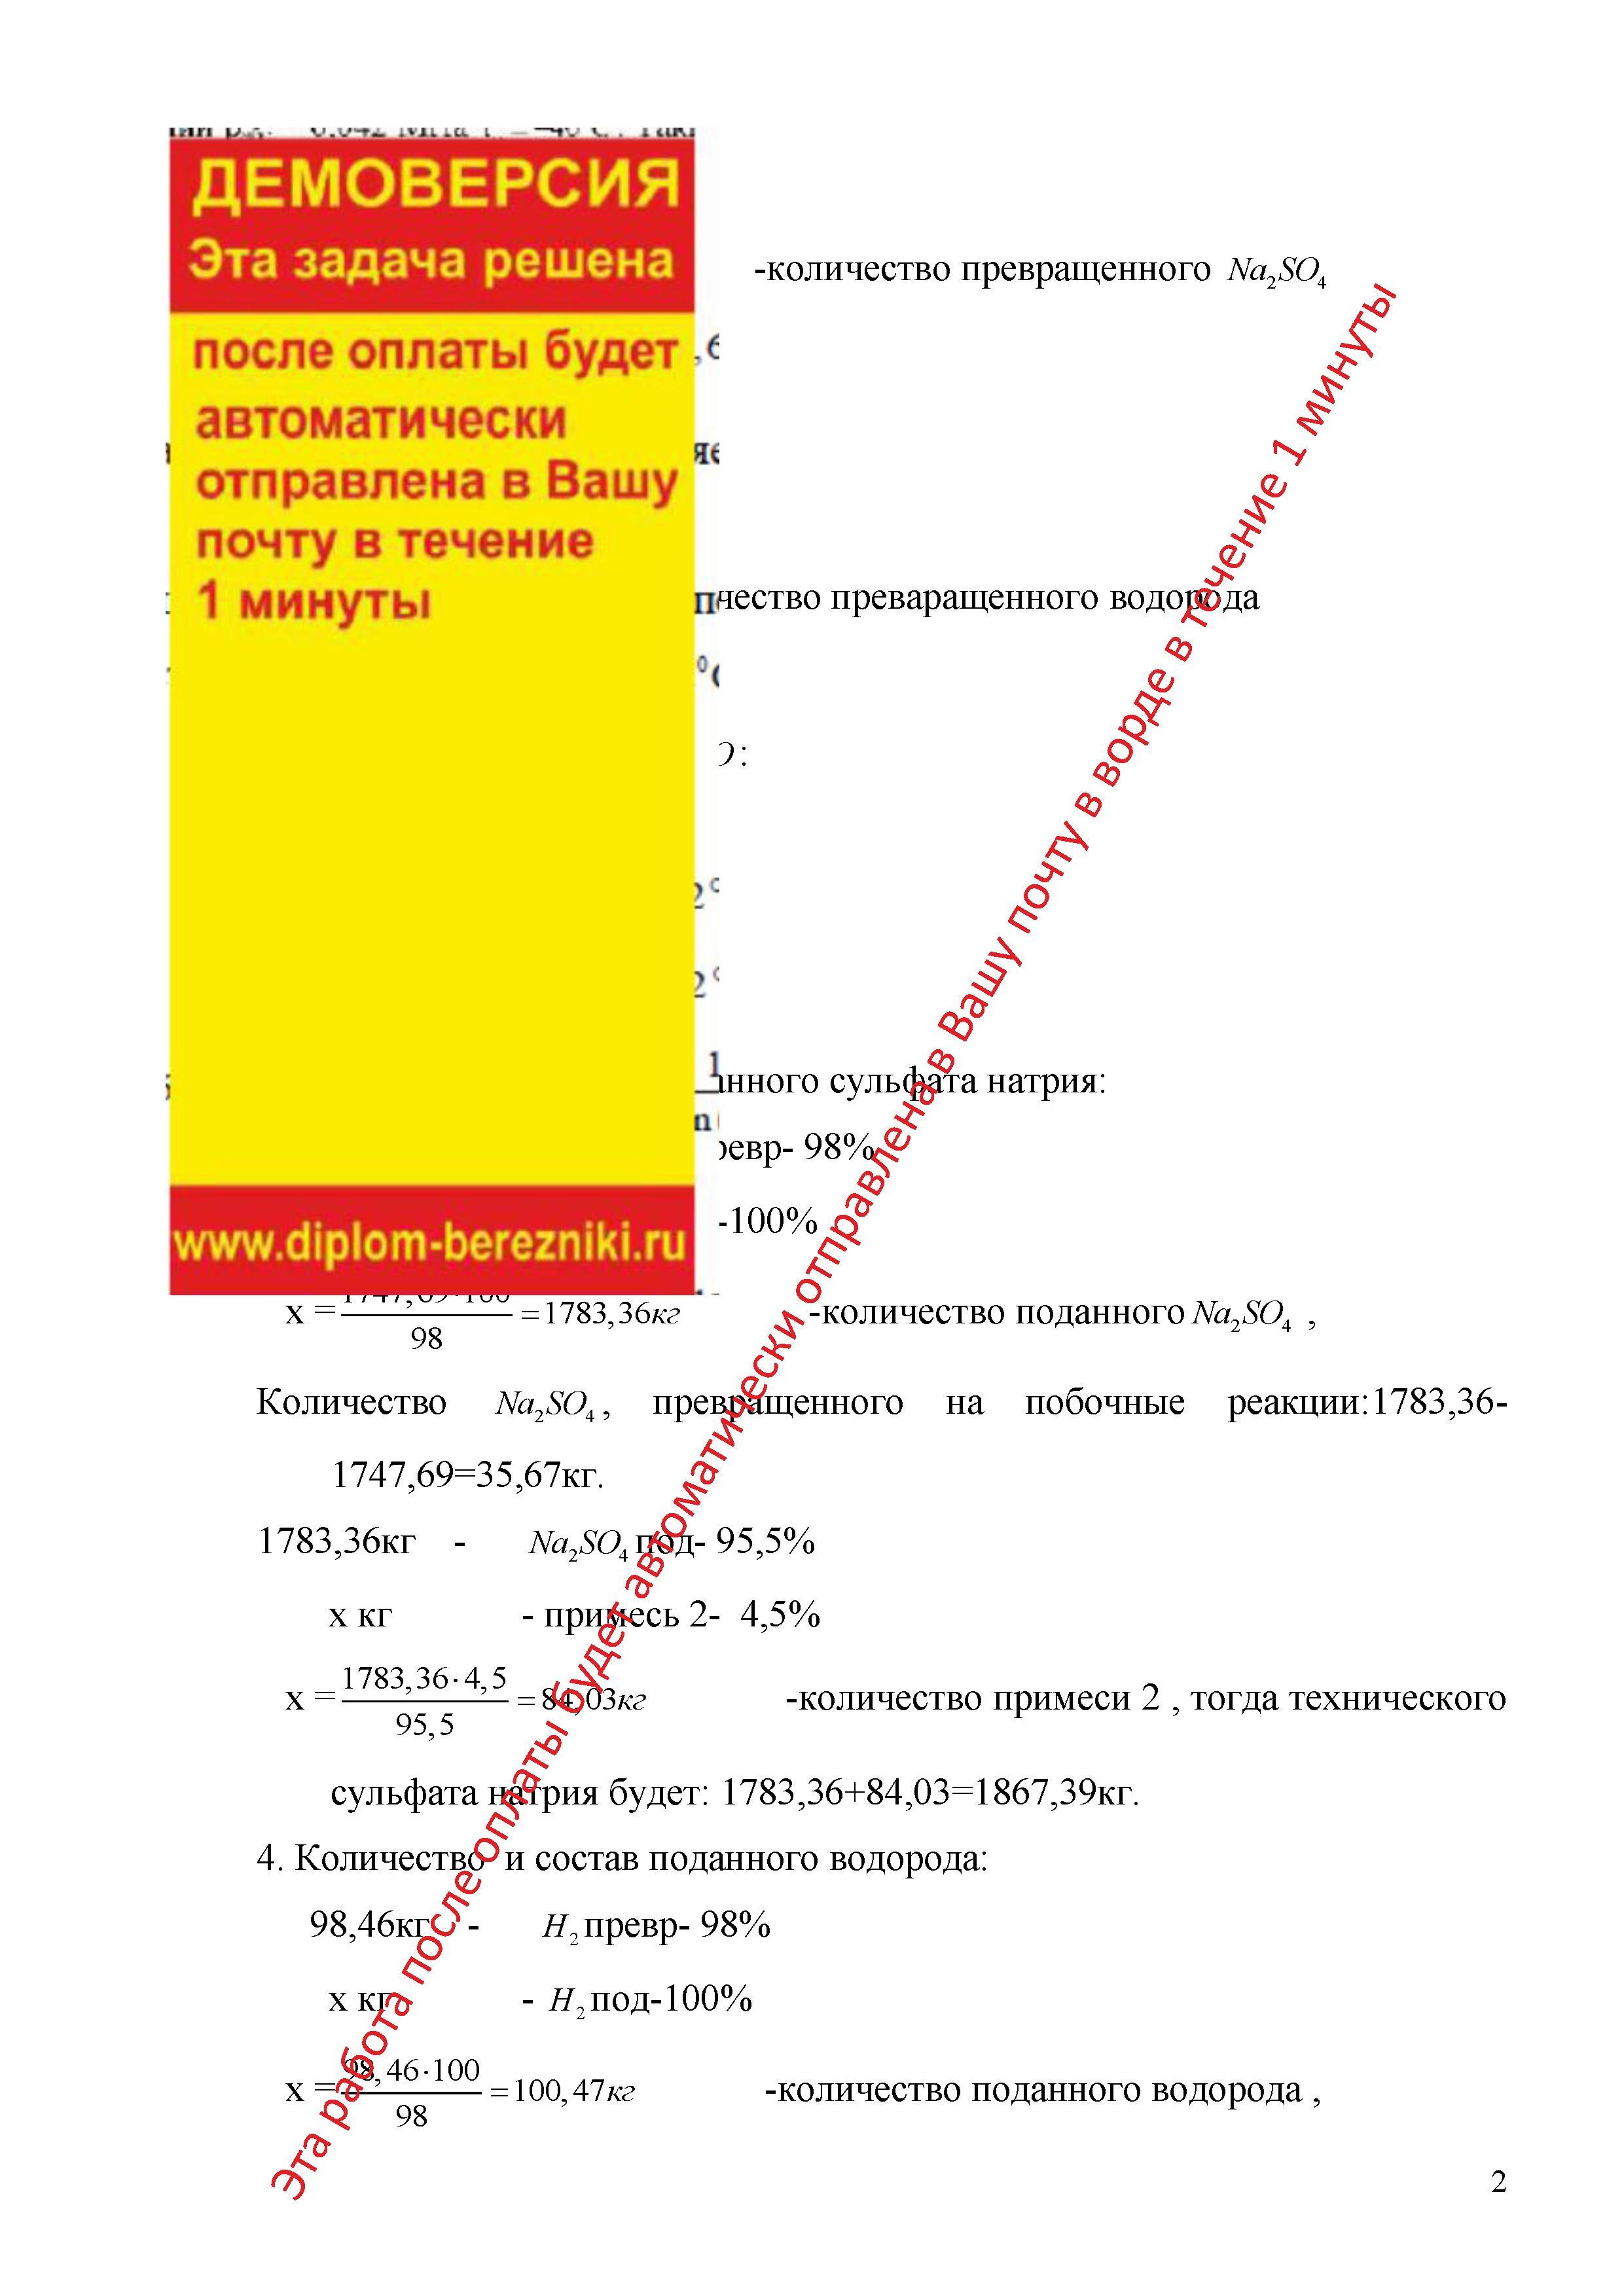 Составить материальный баланс производства 1 т технического сульфида натрия содержание 96  массовых долей из сульфата натрия 95,5  массовых долей